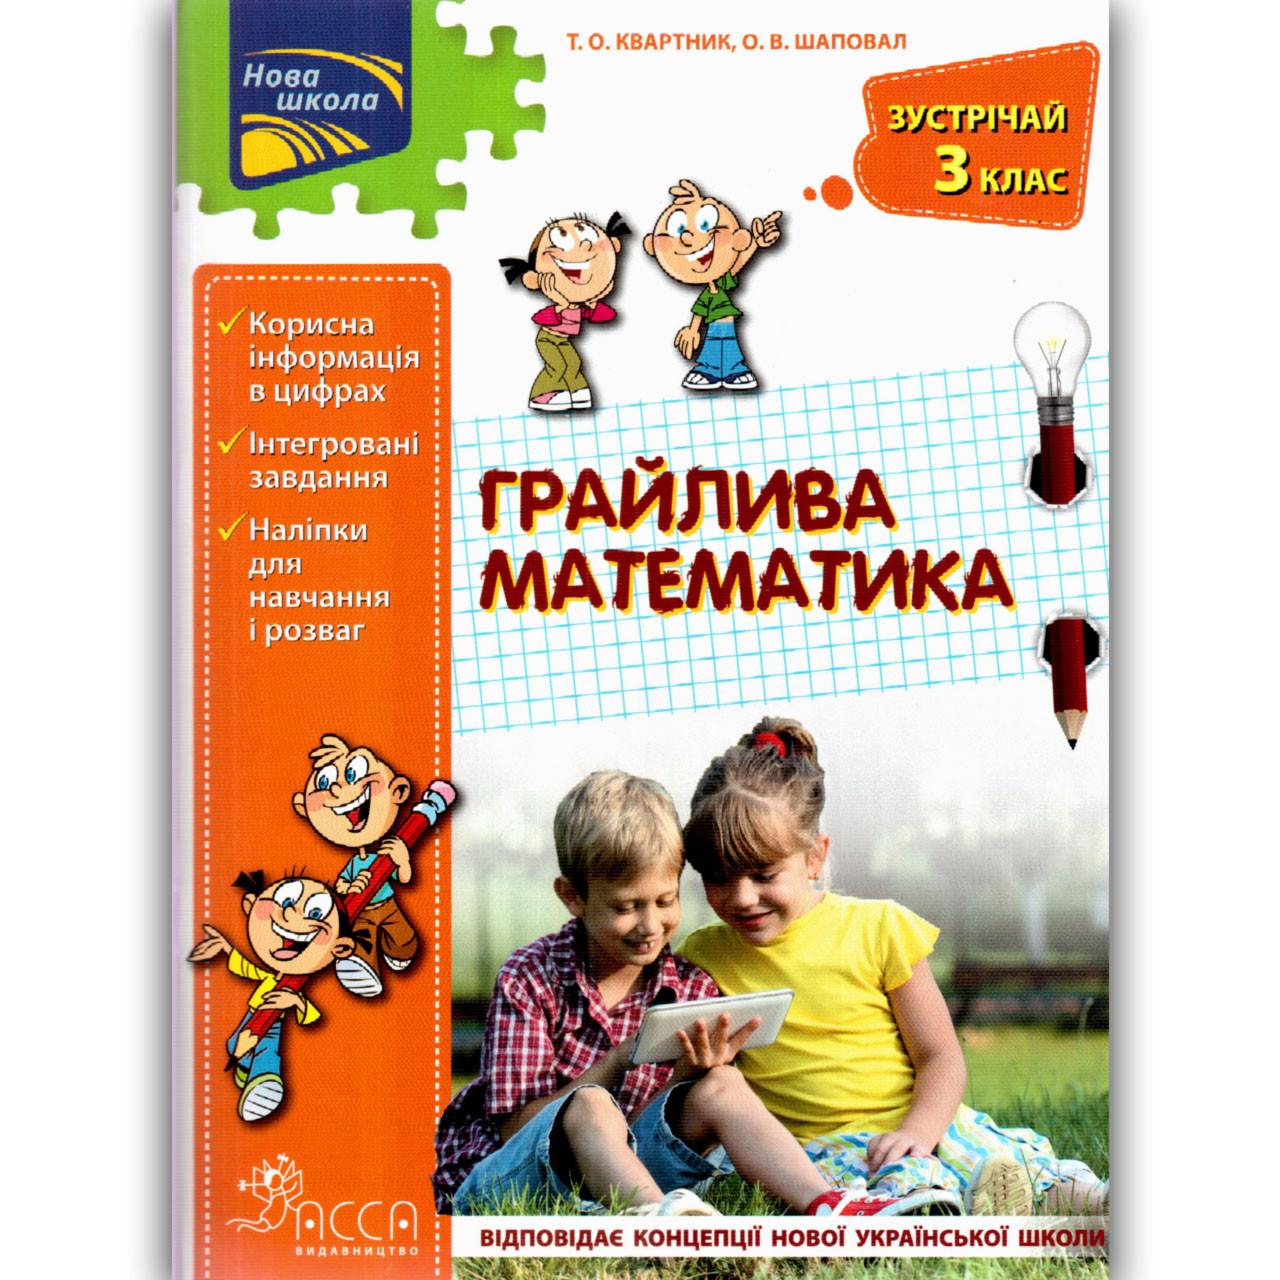 Літній зошит Грайлива математика Зустрічай 3 клас Авт: Квартник Т. Вид: АССА